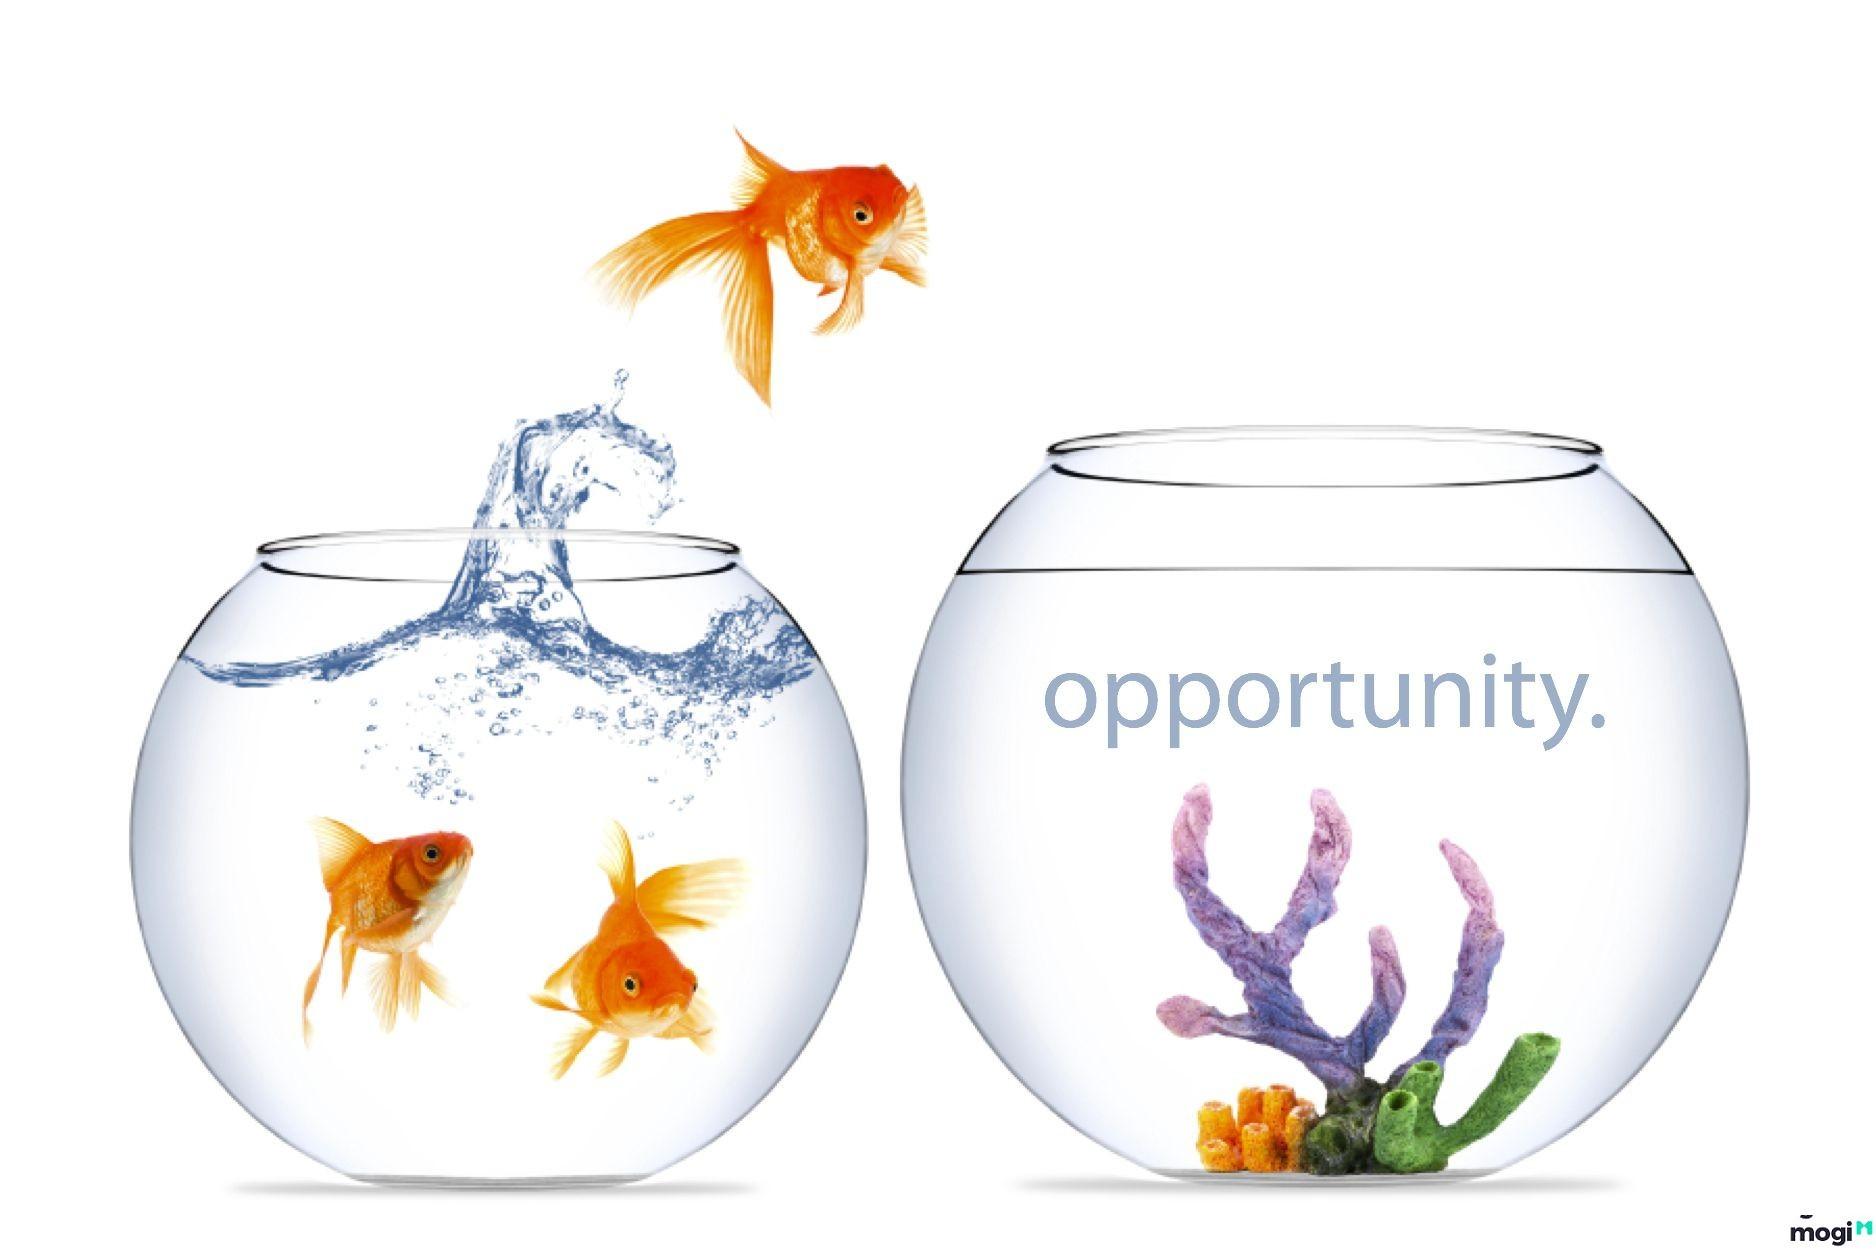 Luật mua bán nhà đất cơ hội và những thách thức